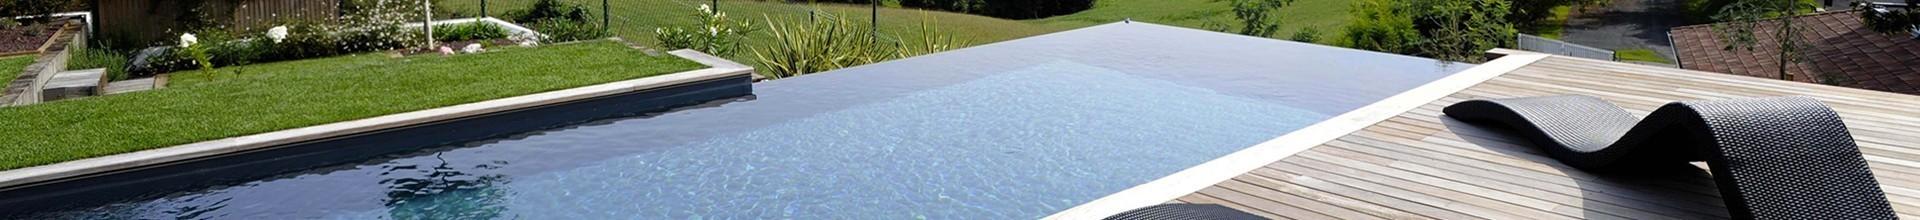 Projet piscine Pays : Belgique : votre projet coque polyester